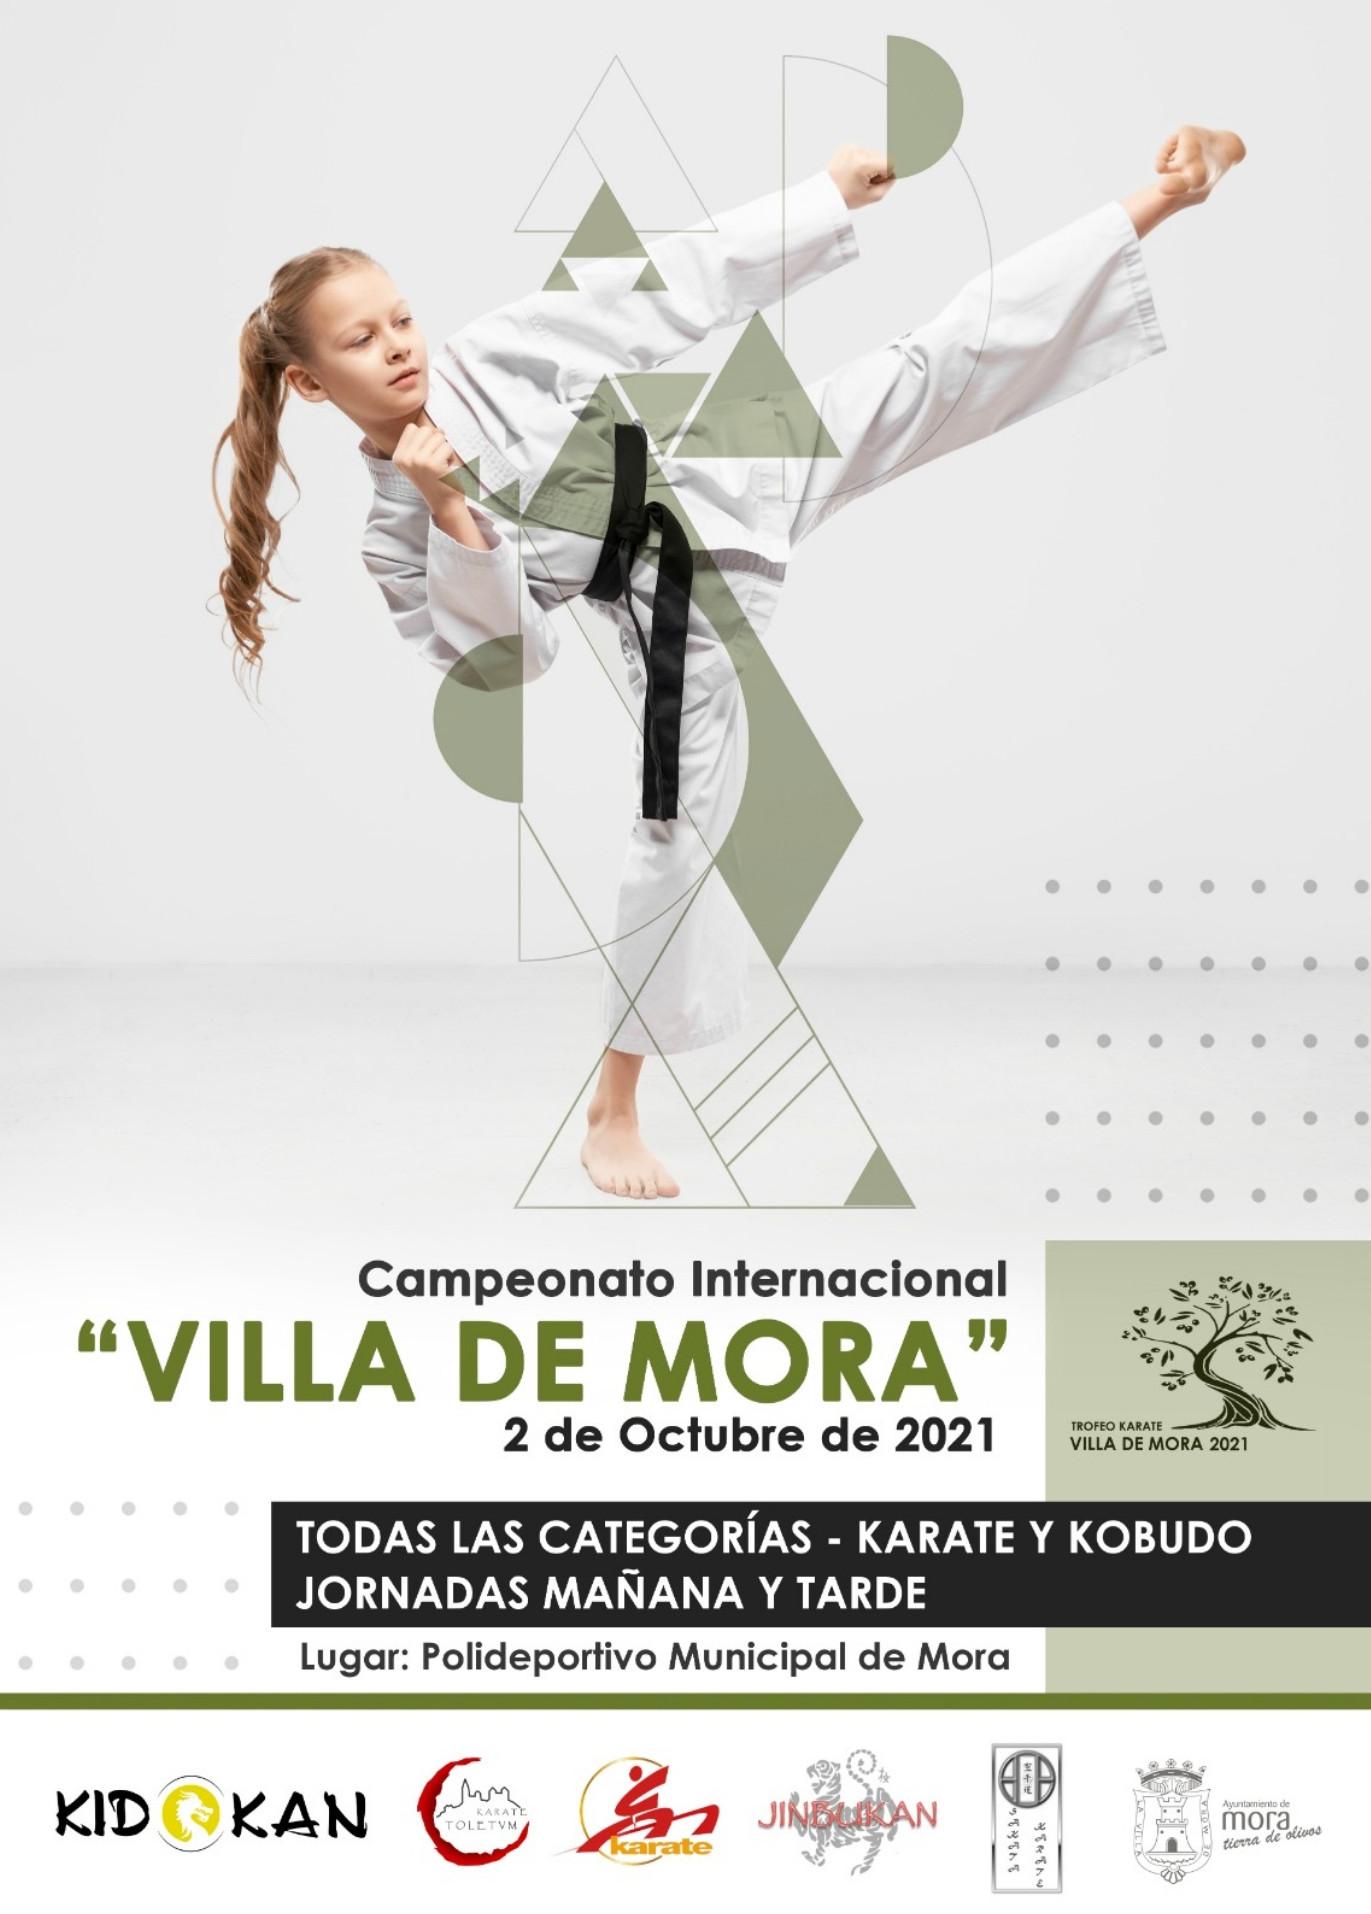 Campeonato Internacional Villa de Mora 2021